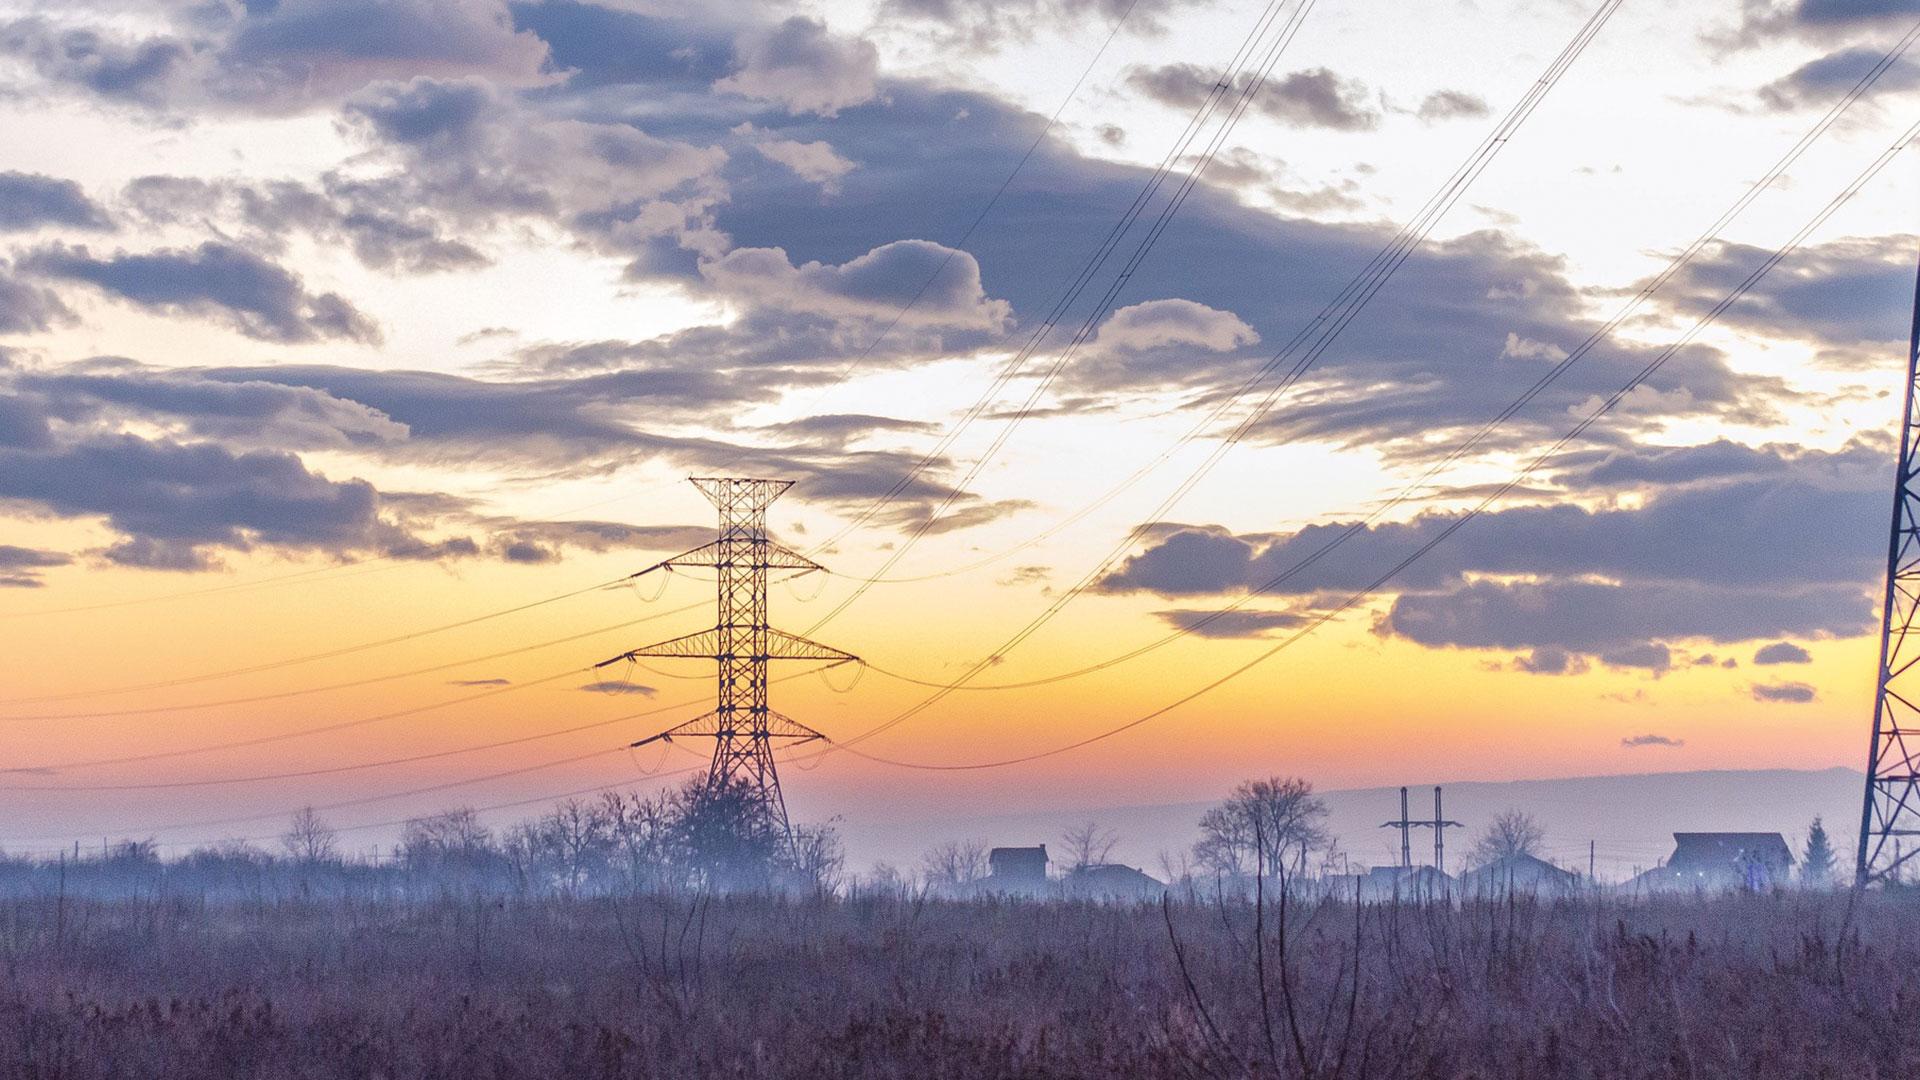 Høye strømpriser? Fyr med ved!